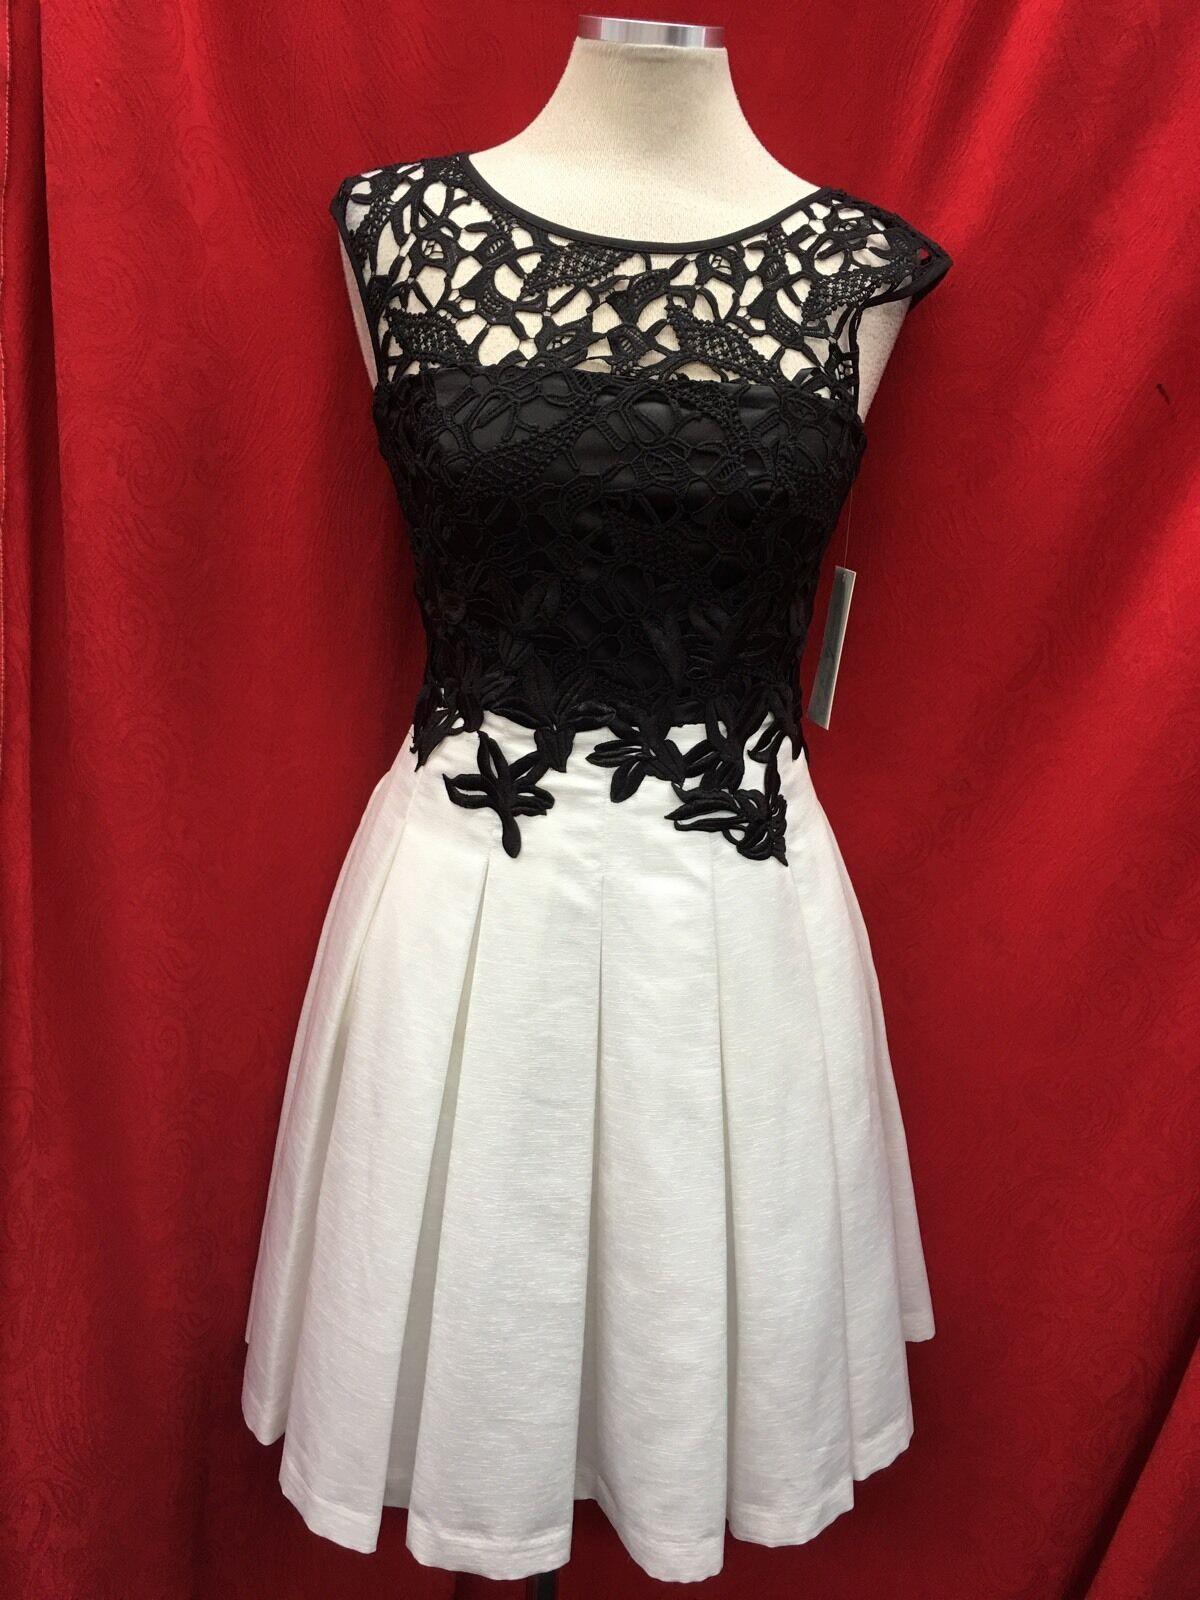 Elizea J Kleid Größe 10  Einzelhandel mit Etikett Schwarz Elfenbein